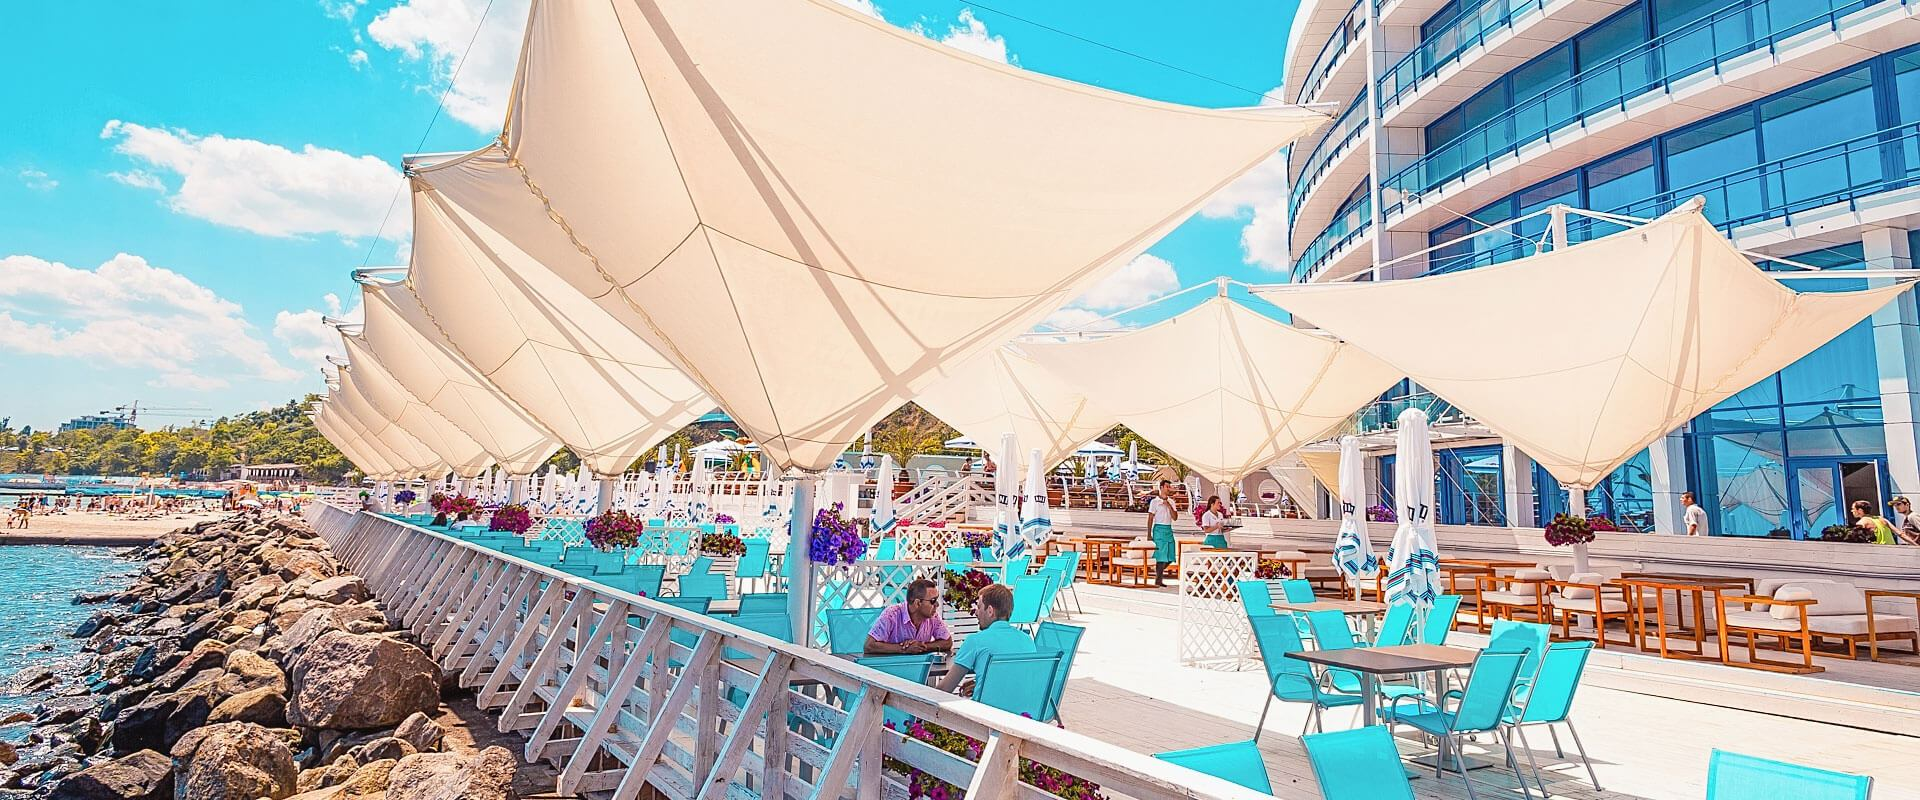 Maristella-лучшие-отели-и-гостинницы-у-моря---слайд3